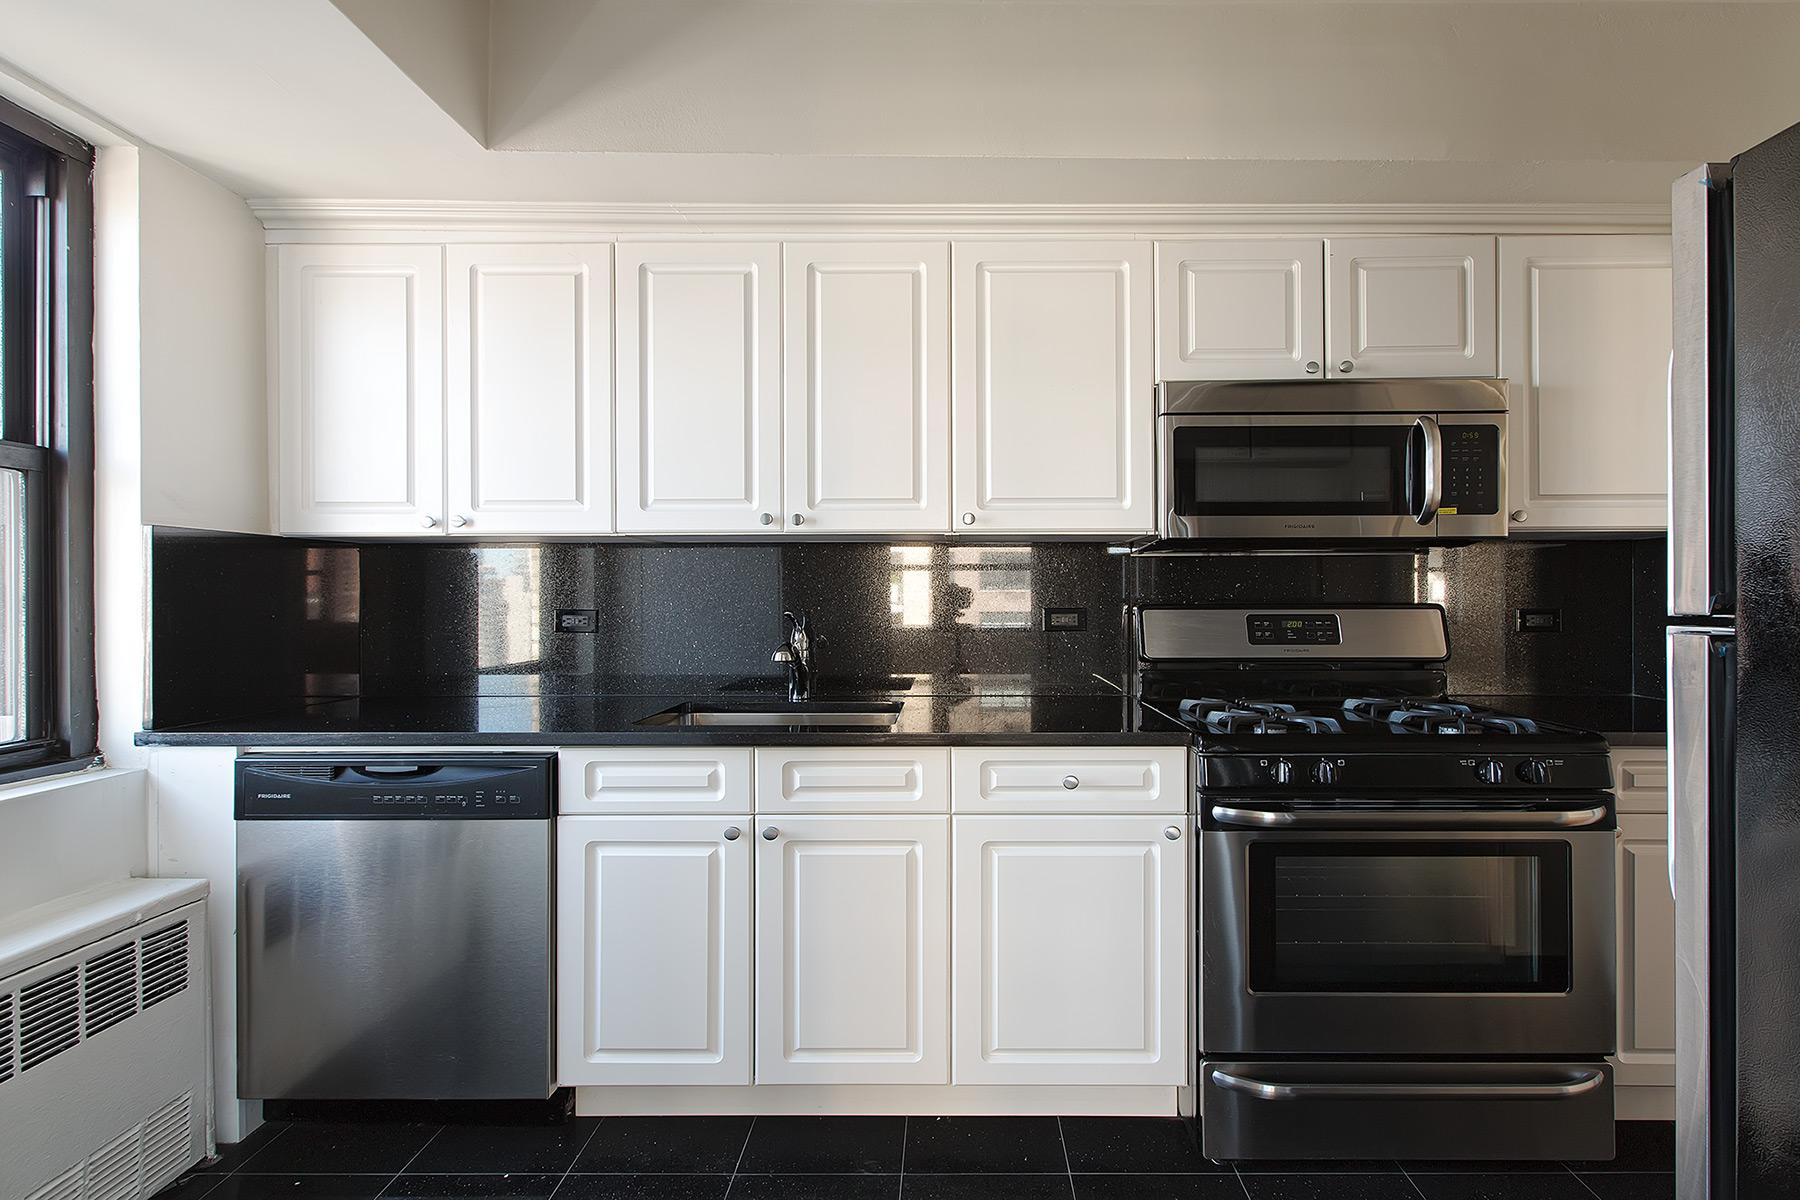 305E86 - Apt Kitchen.jpg